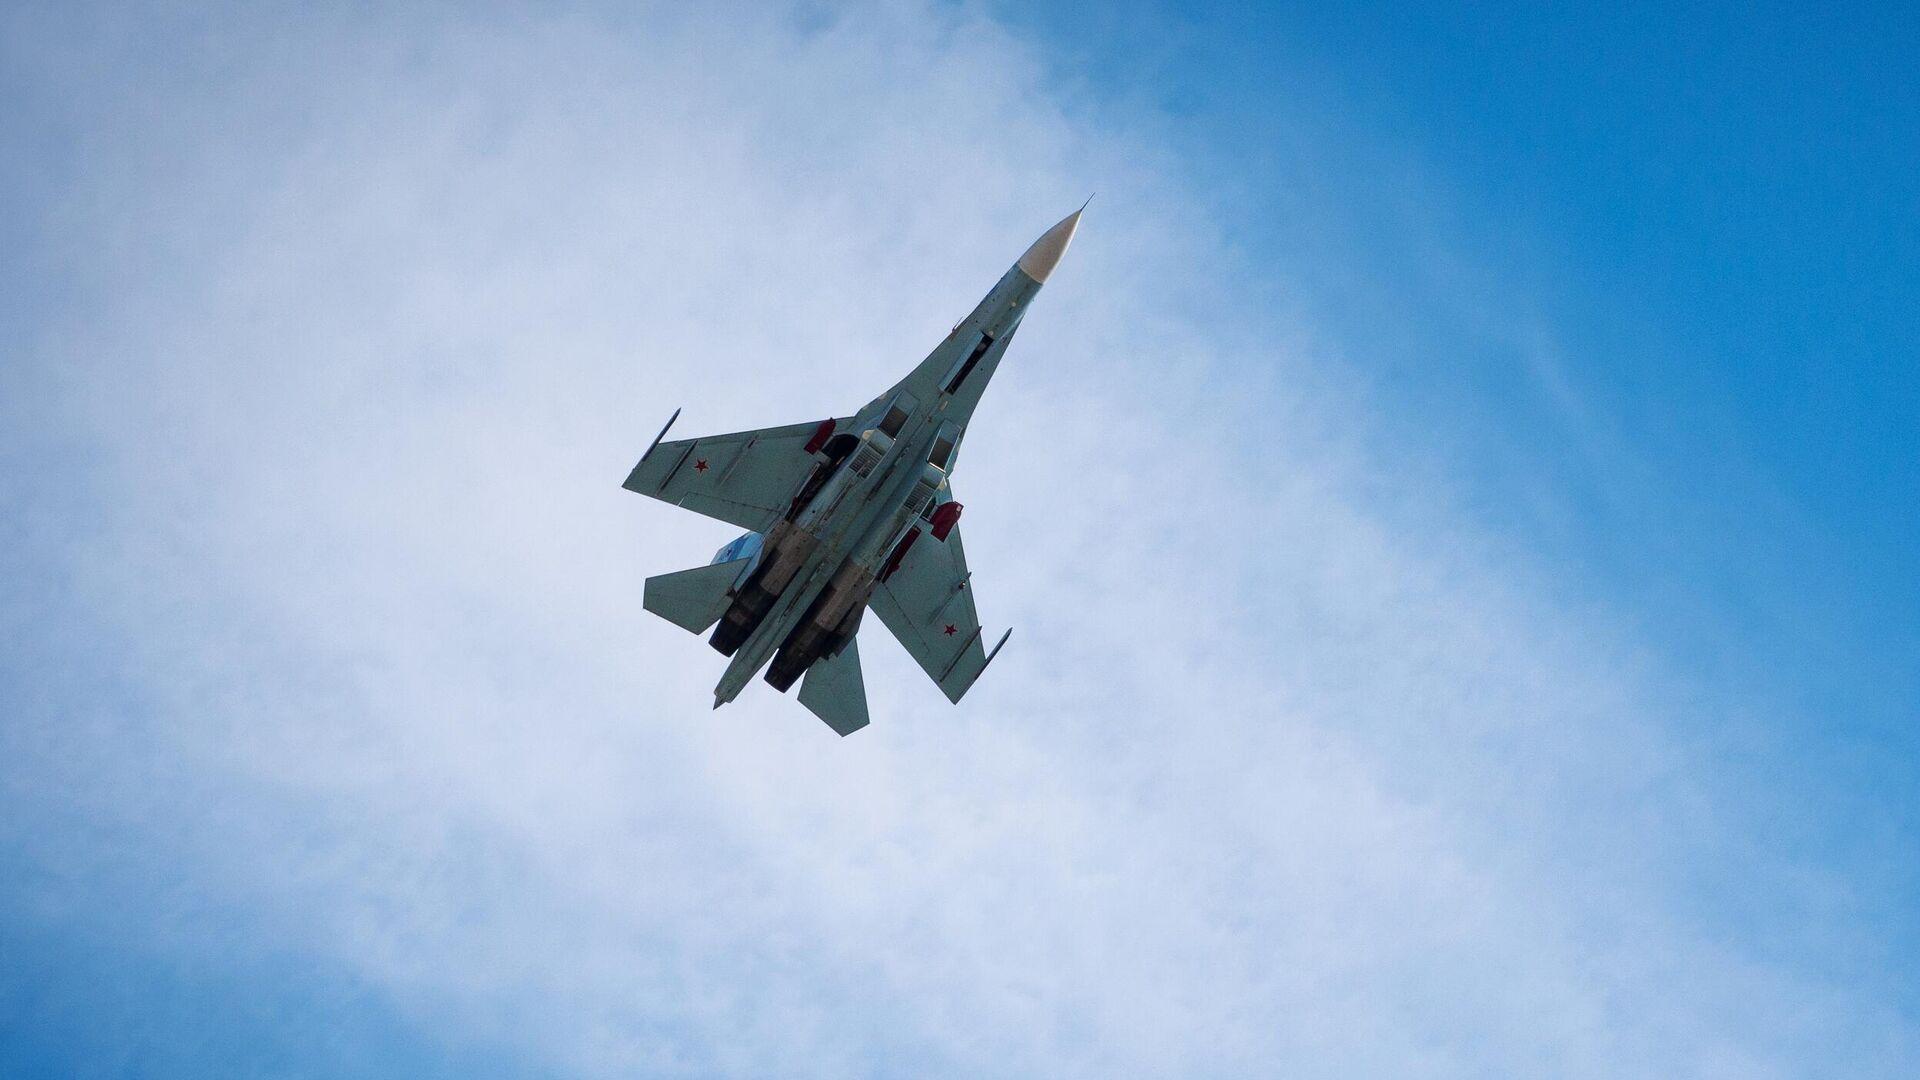 Многоцелевой истребитель Су-27  - РИА Новости, 1920, 09.09.2020